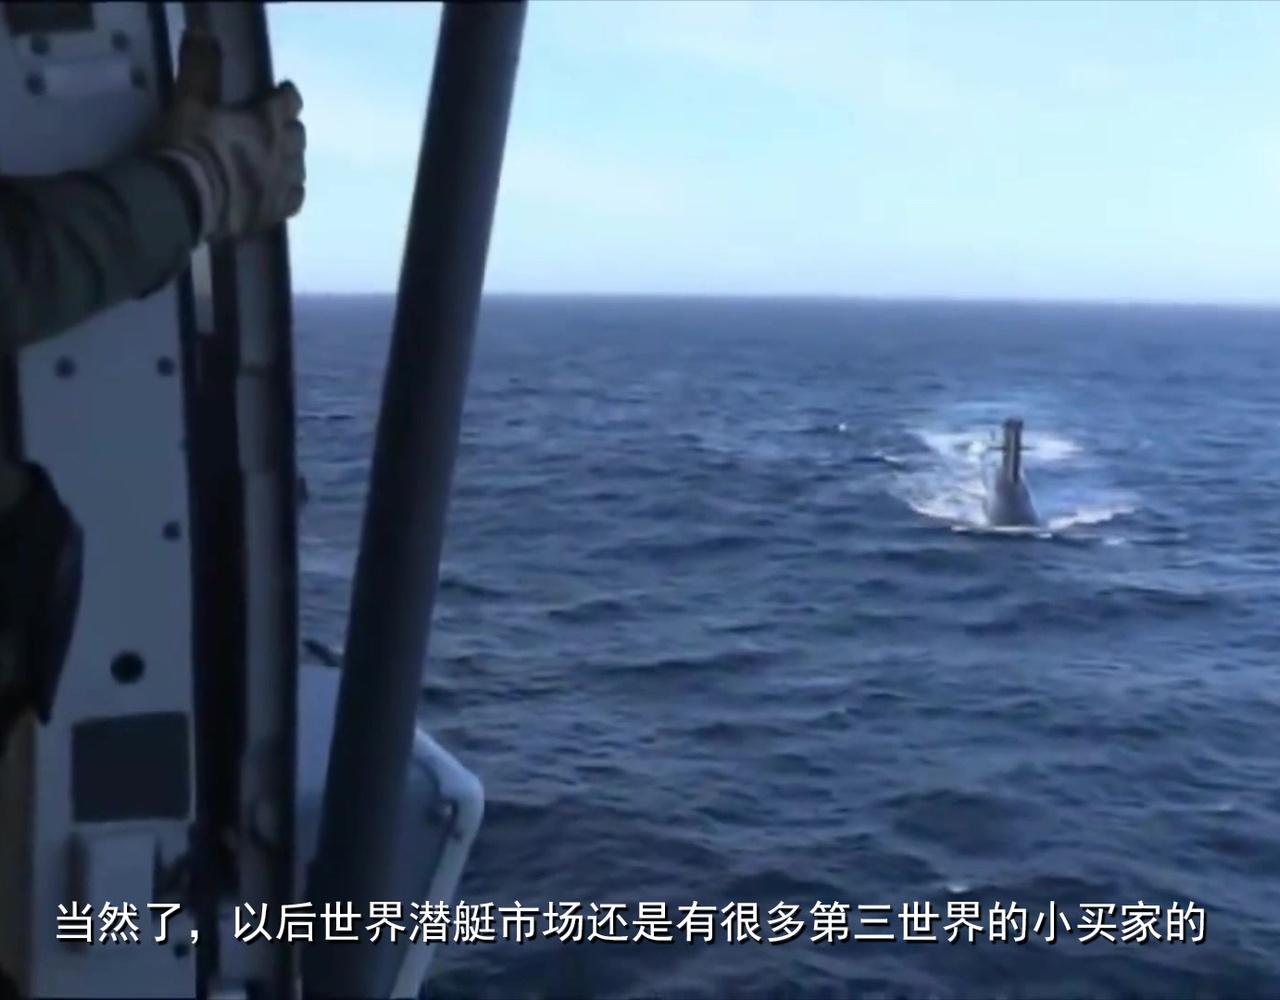 跨级PK 国际潜艇招标法国梭鱼大败日本苍龙